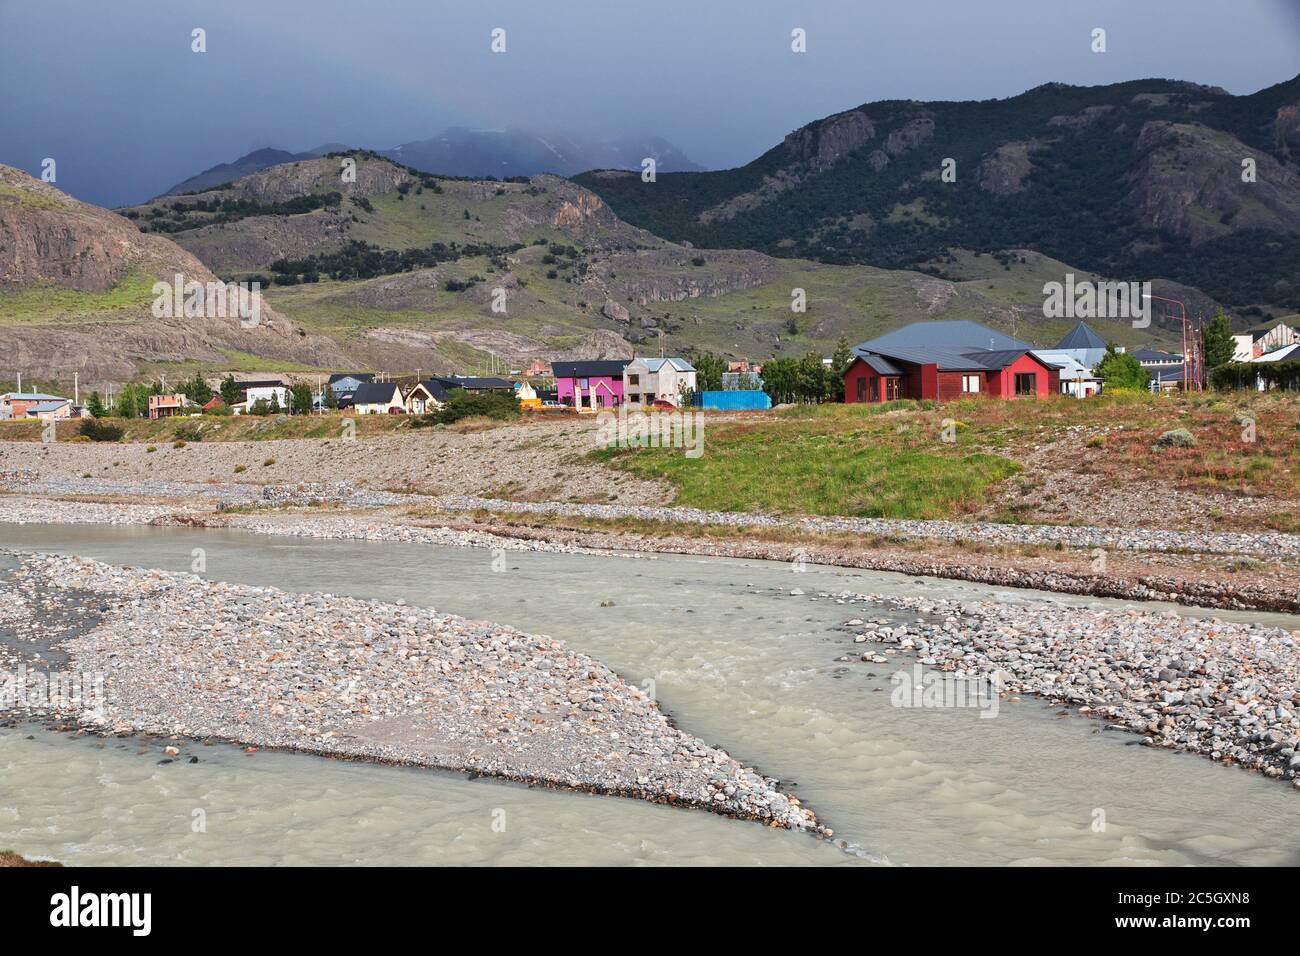 La vue sur El Chalten, Patagonie, Argentine Banque D'Images